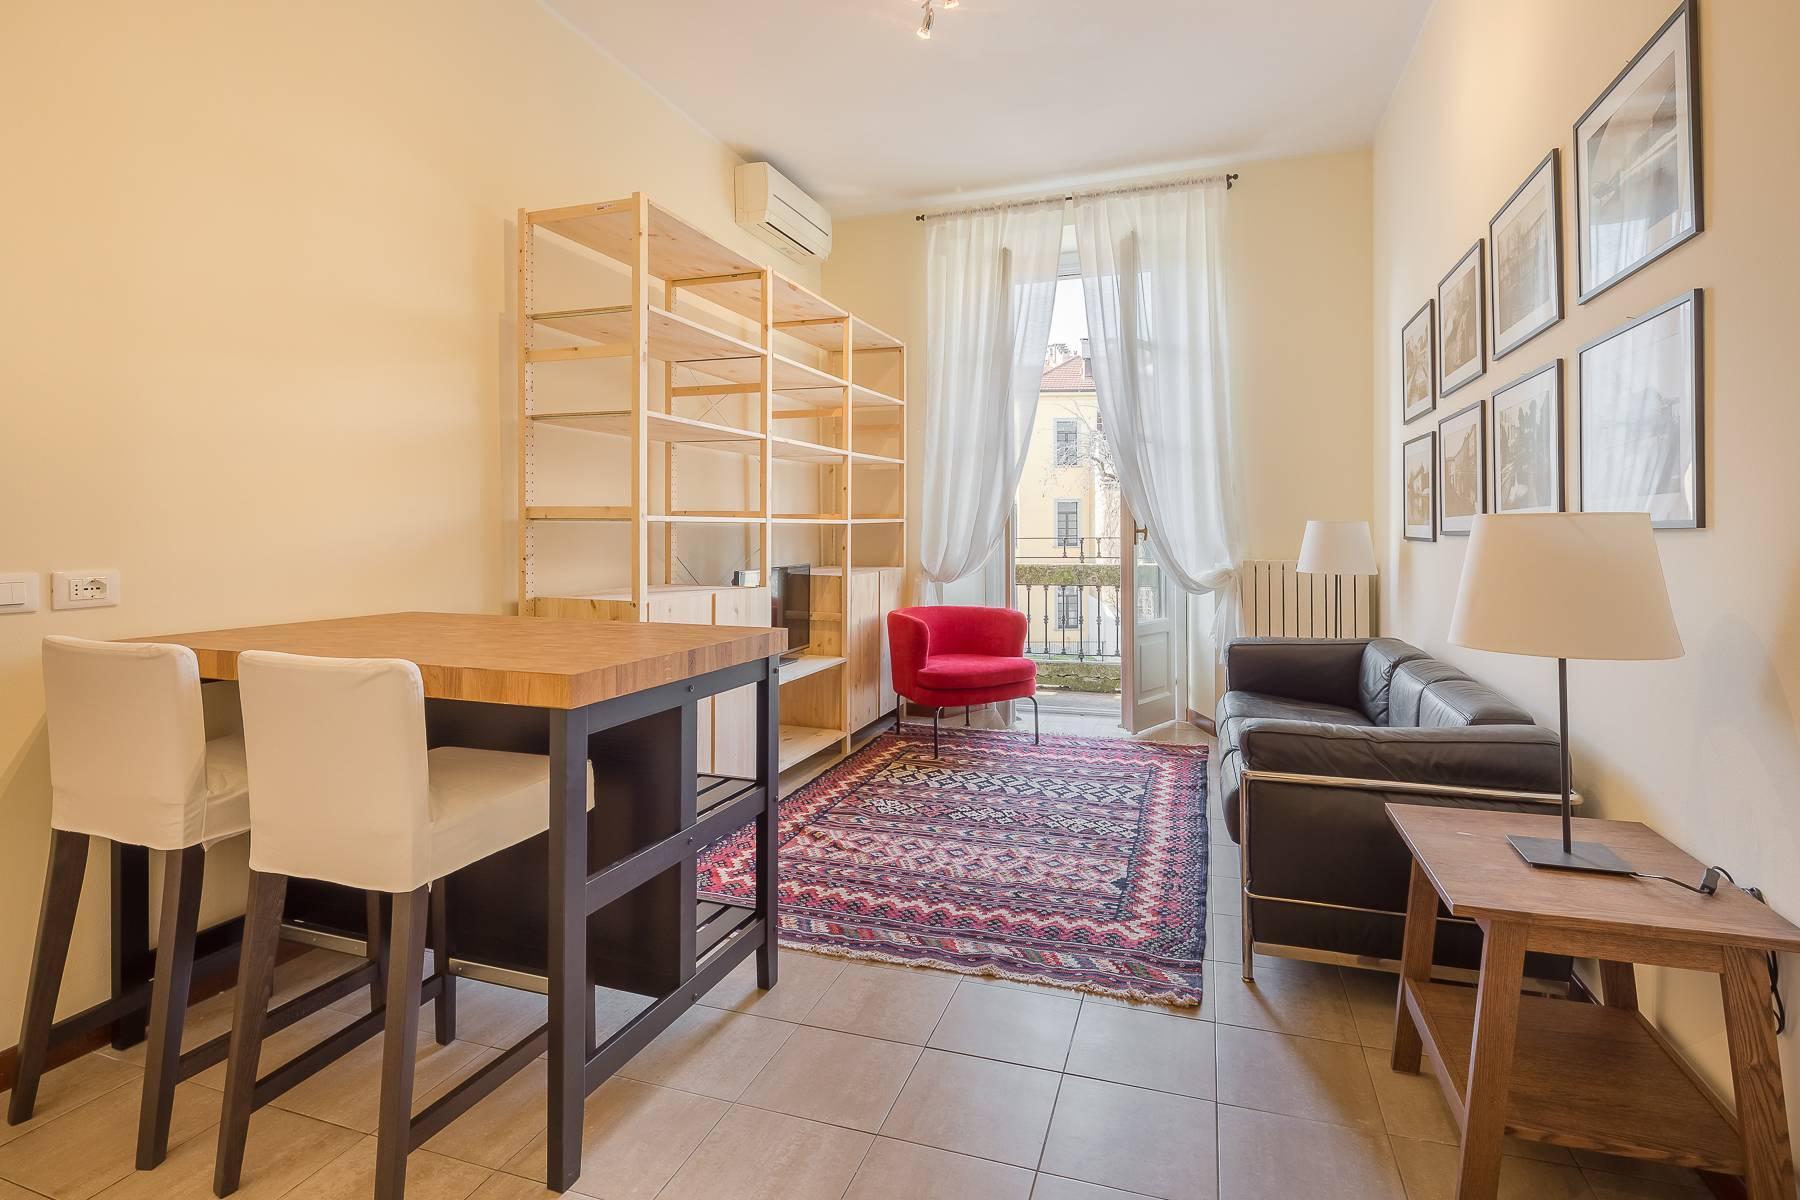 Herrlich möblierte Wohnung auf der Via San Marco - 5